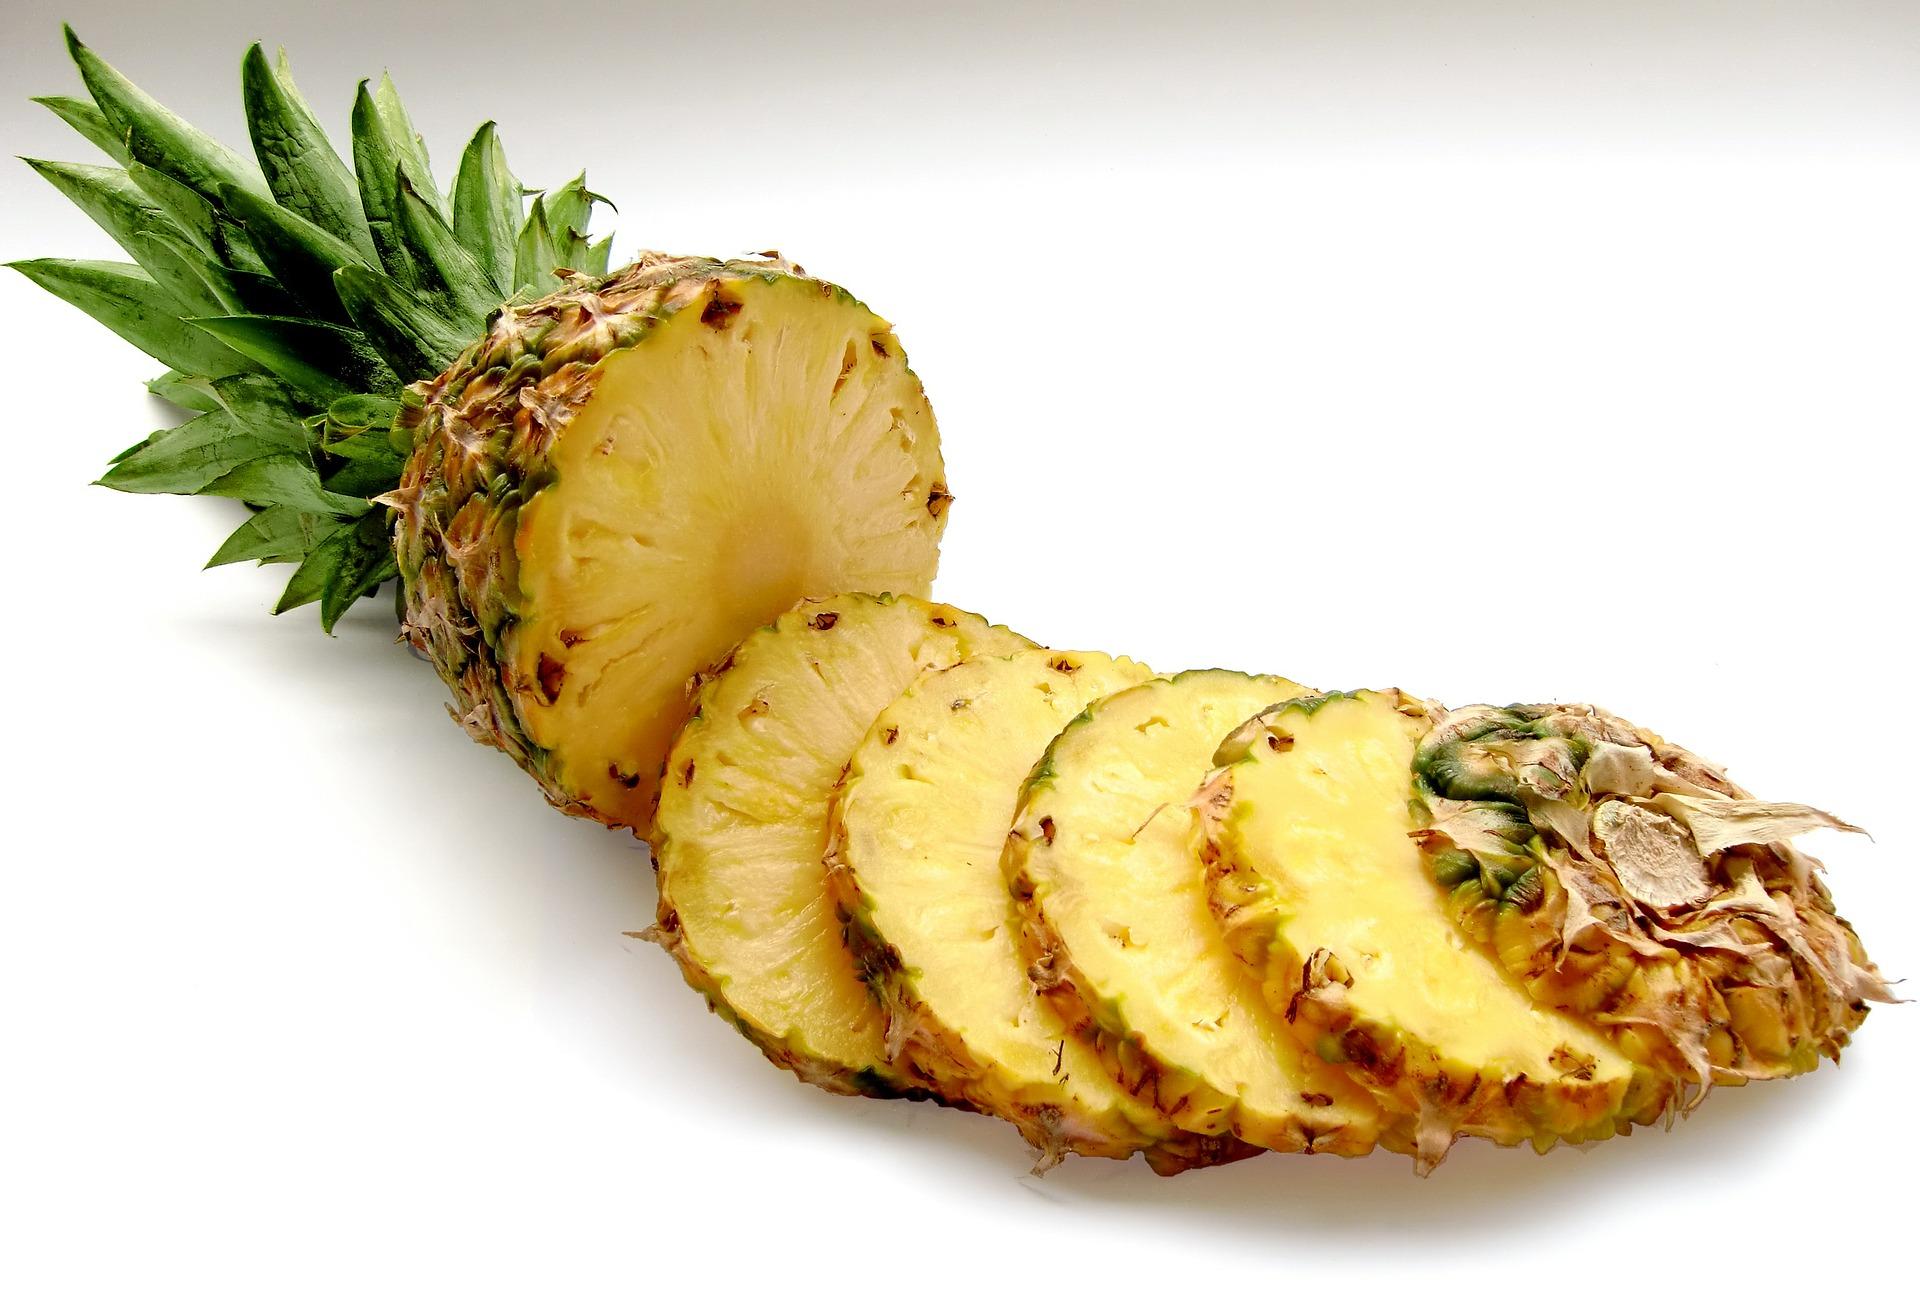 黄梨有丰富的菠萝蛋白酶,可以帮助我们消化。-图取自pixabay-